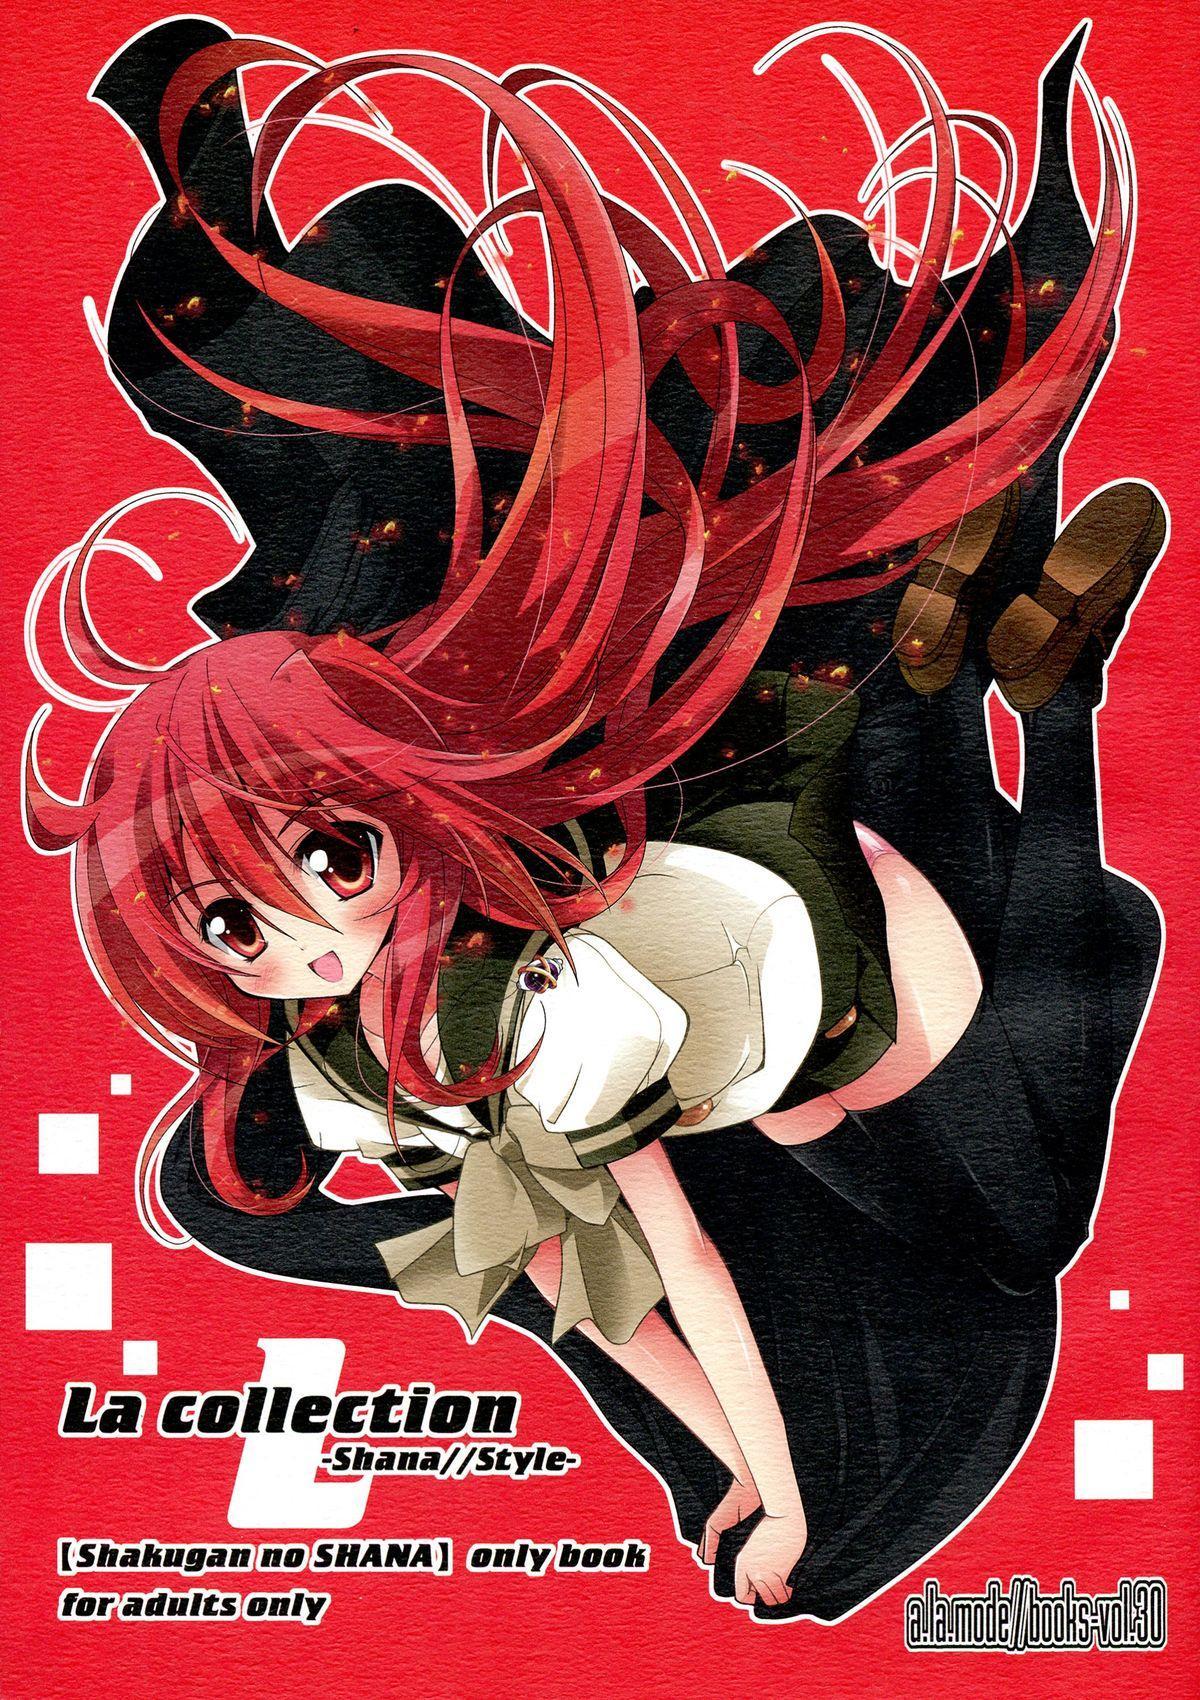 La Collection 0